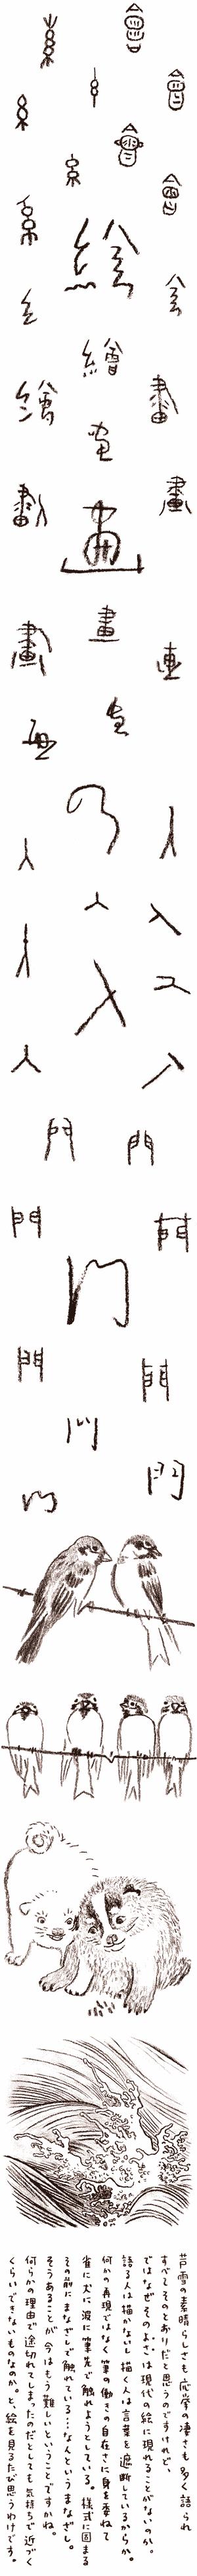 絵画の入門_1_all